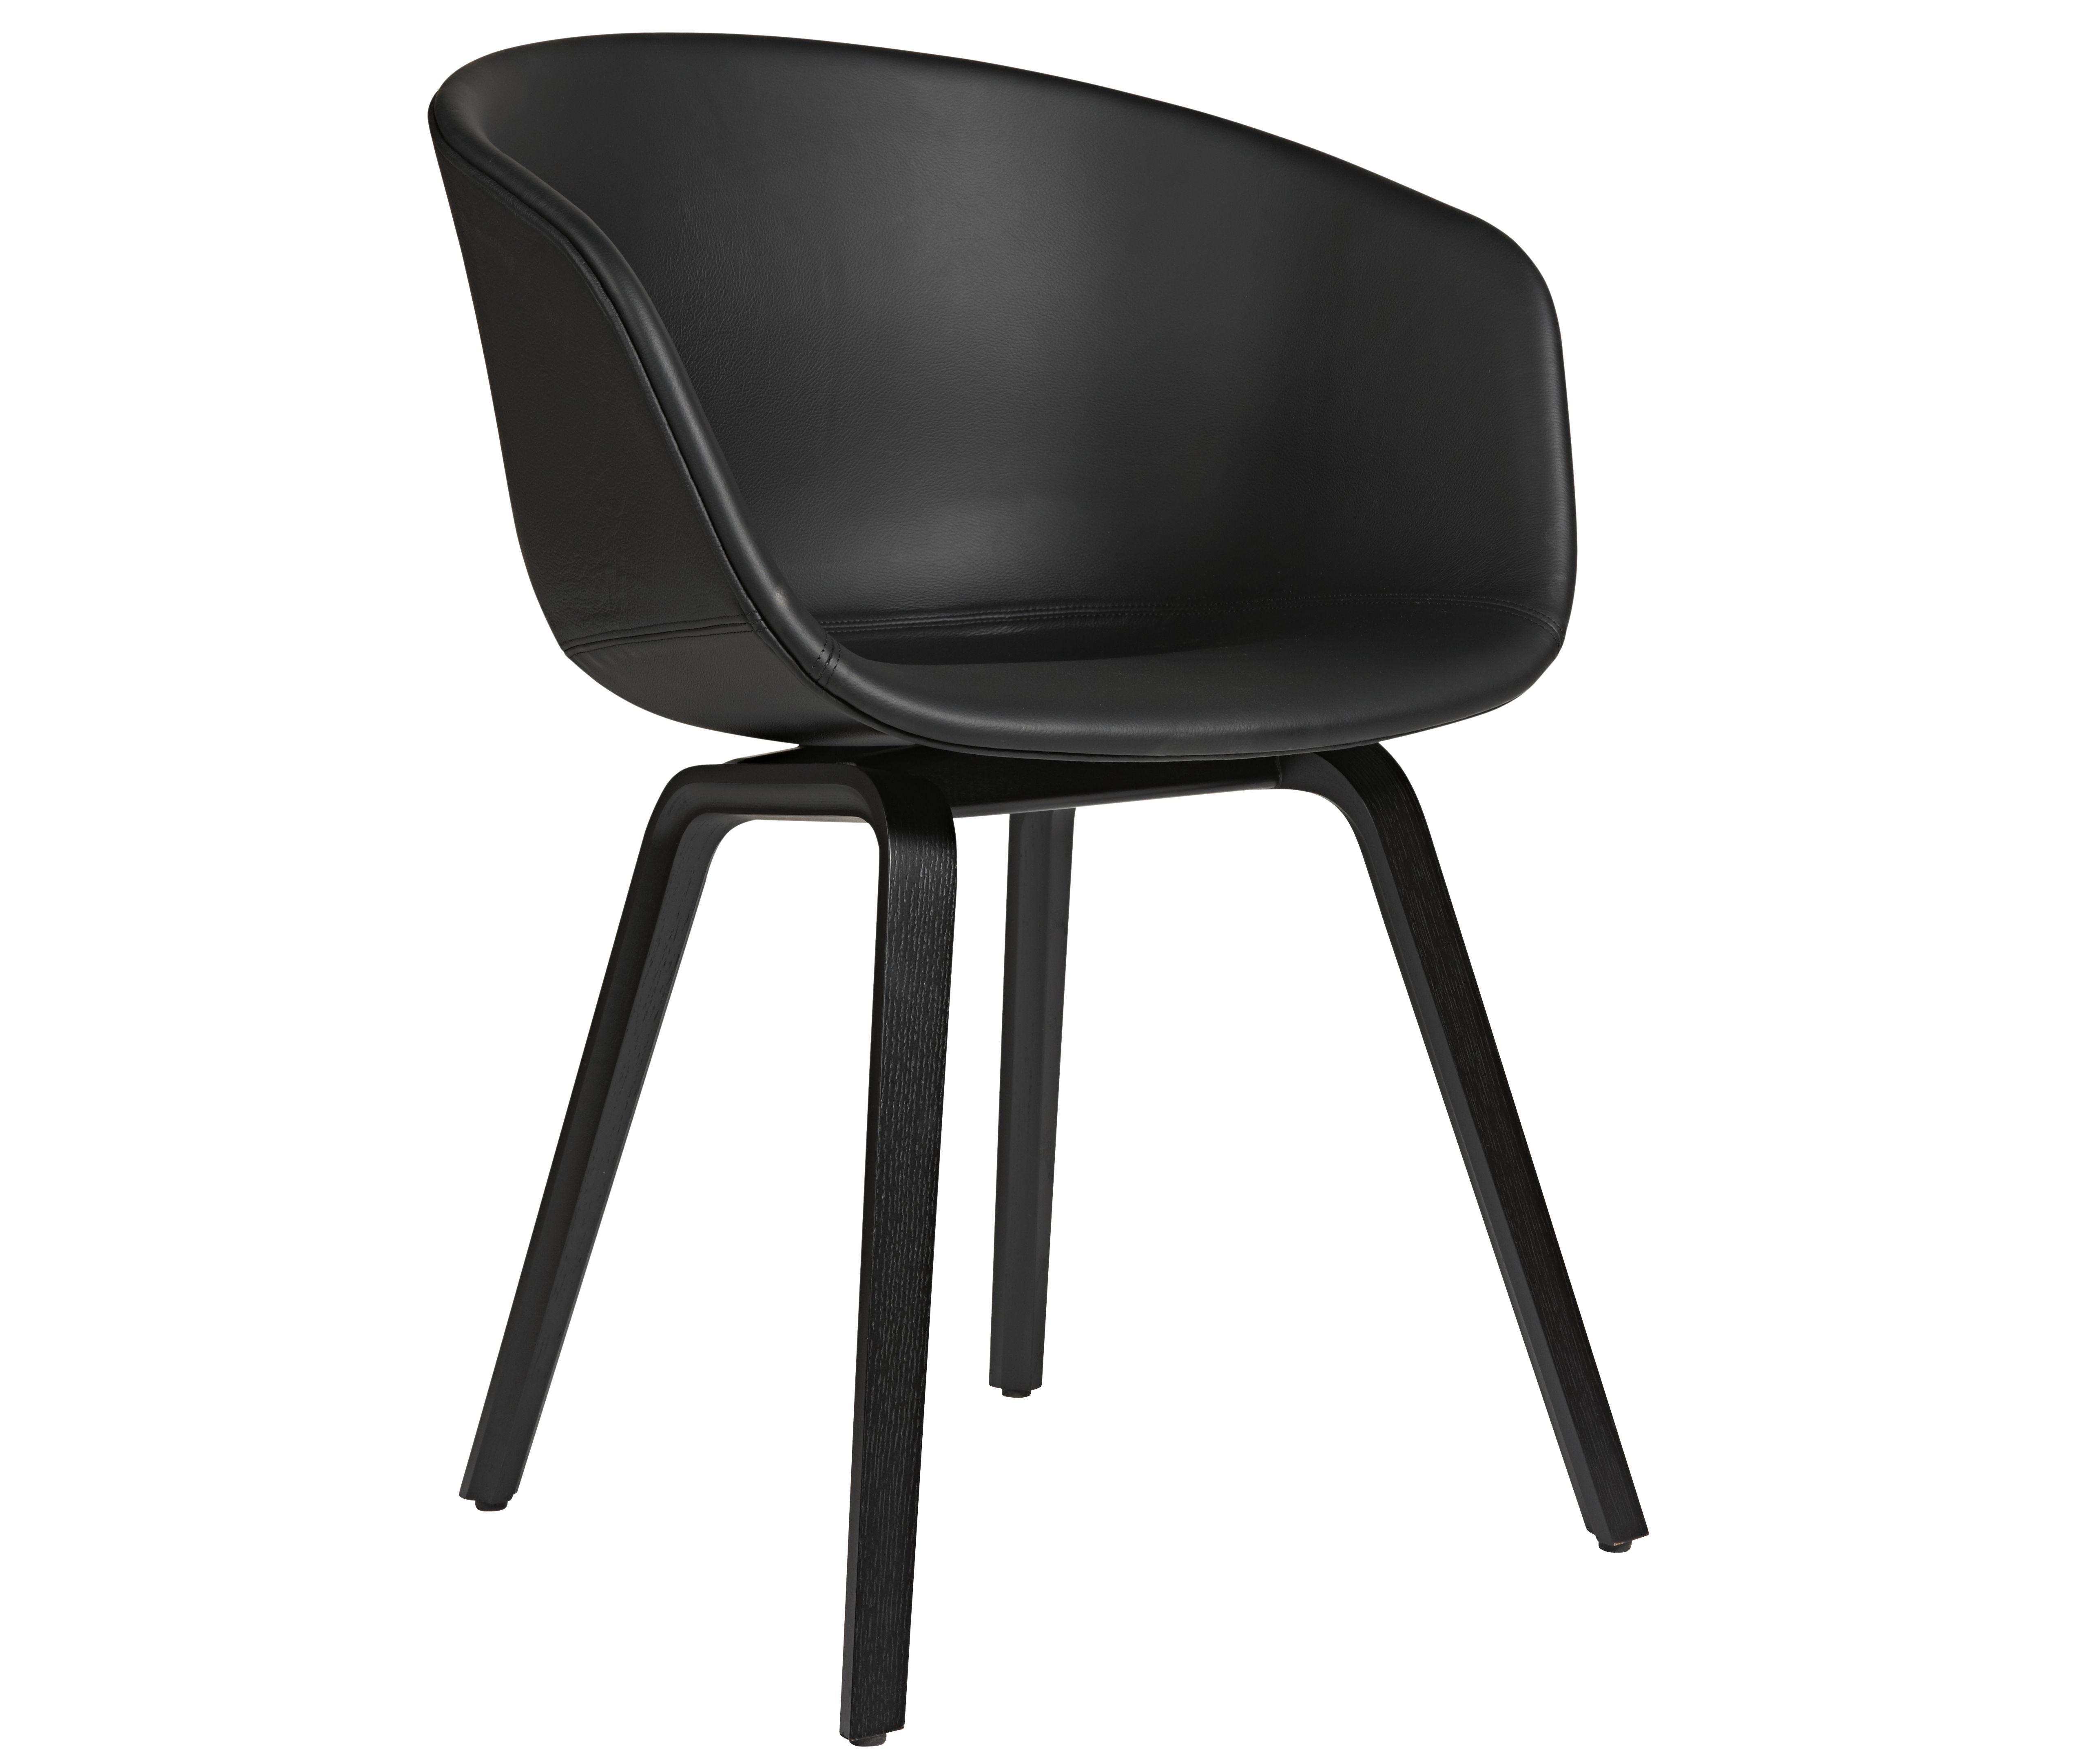 Möbel - Stühle  - About a chair Gepolsterter Sessel / Leder - 4-beinig - Hay - Leder schwarz - Eiche, Leder, Polypropylen